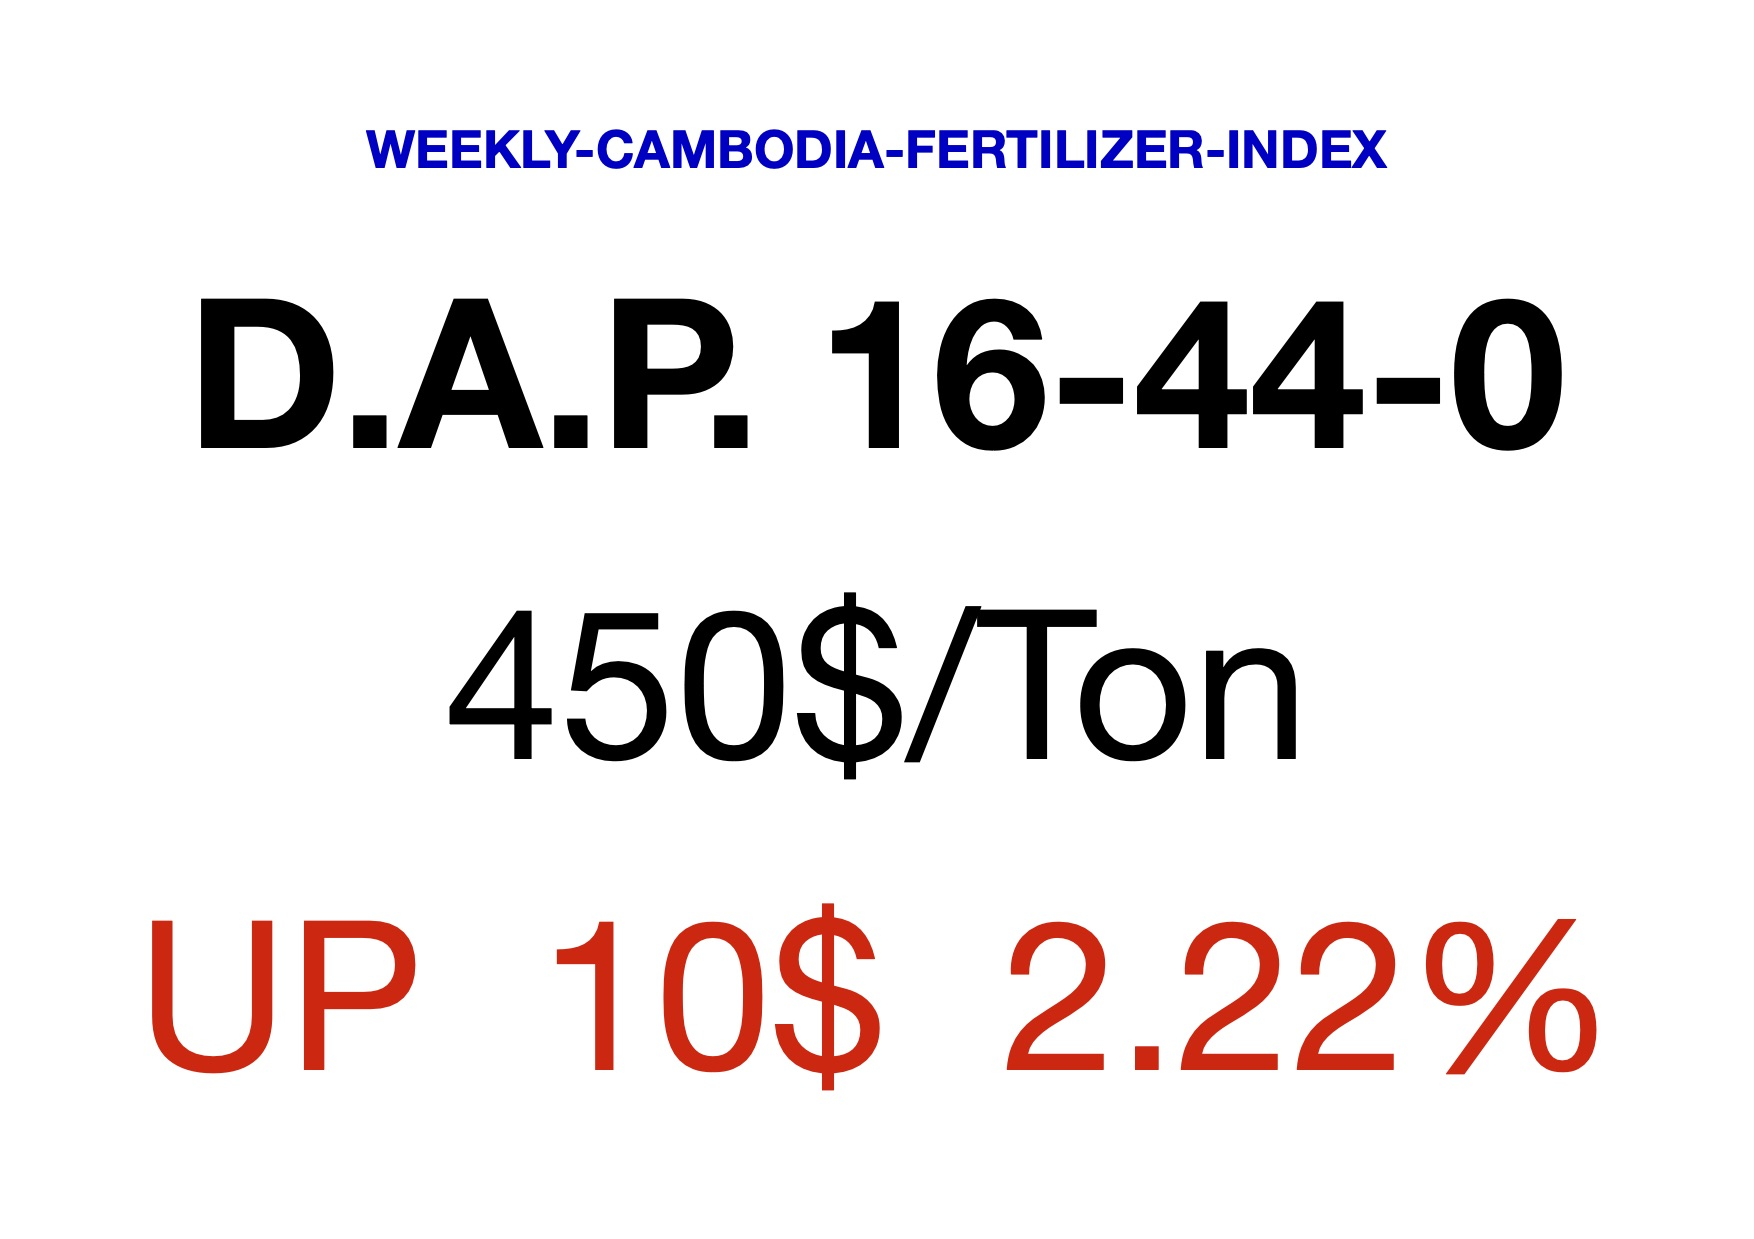 DAP-1644